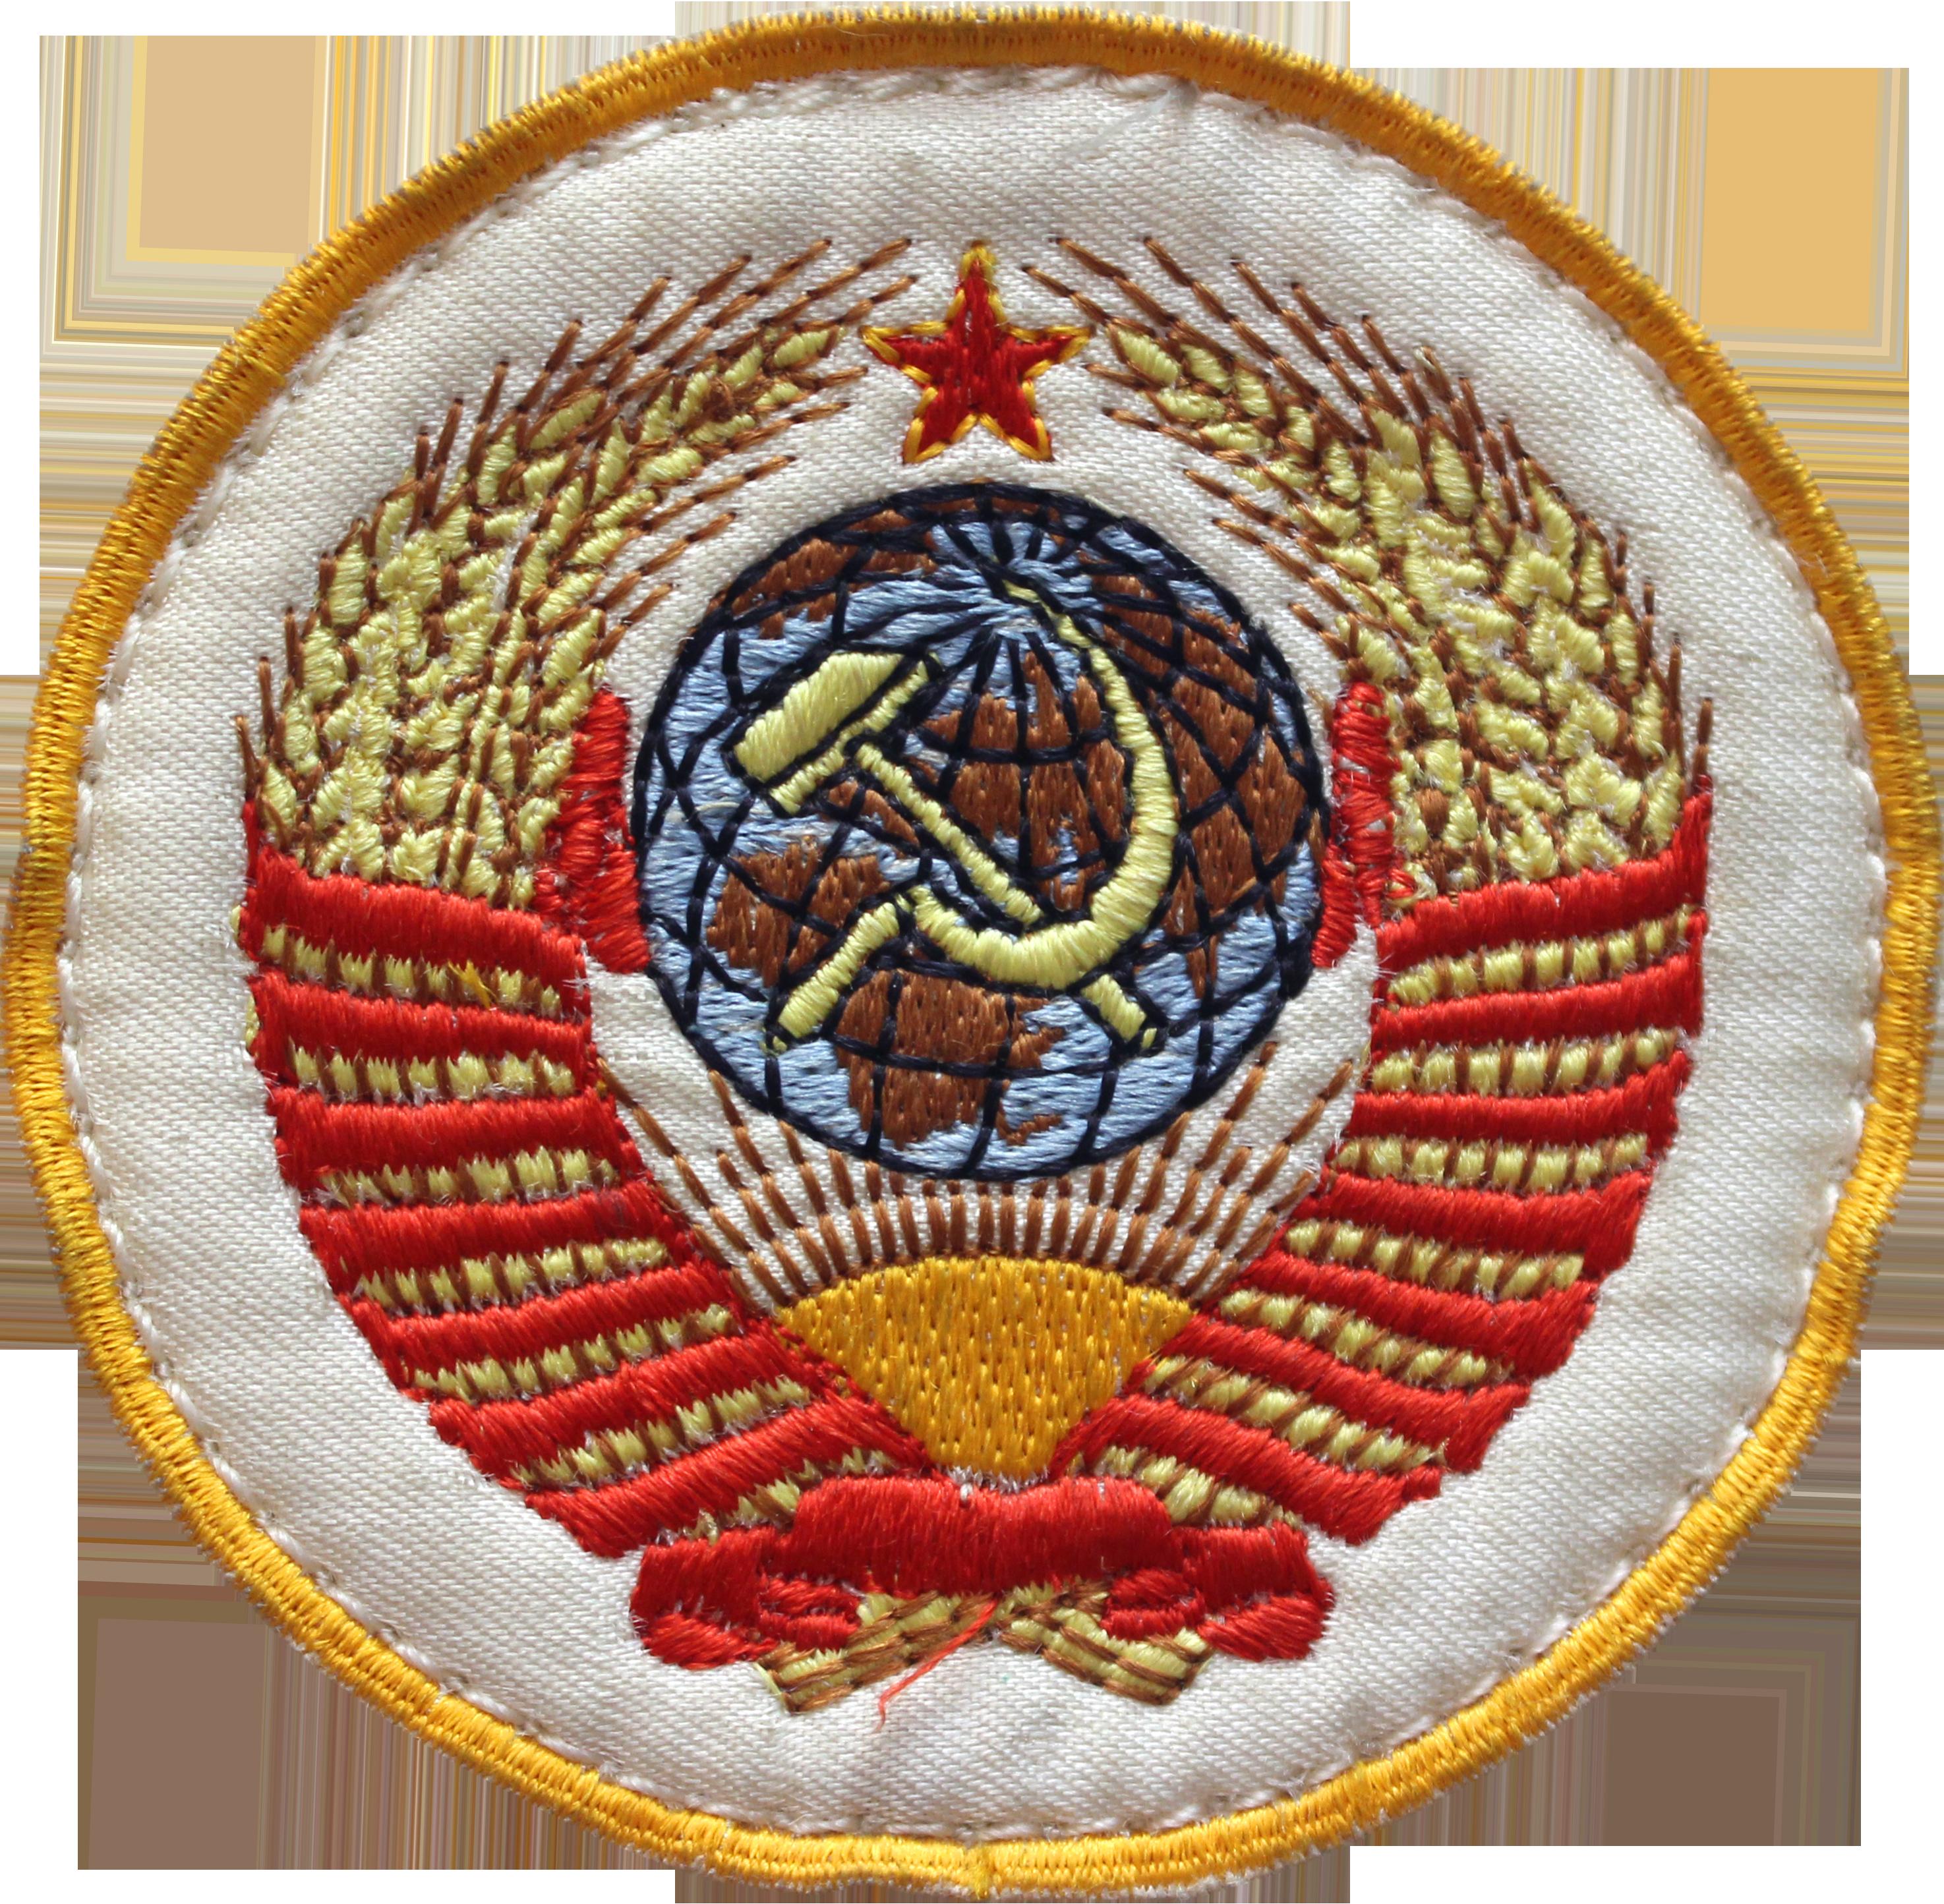 Герб СССР - нашивка со скафандра советского космонавта